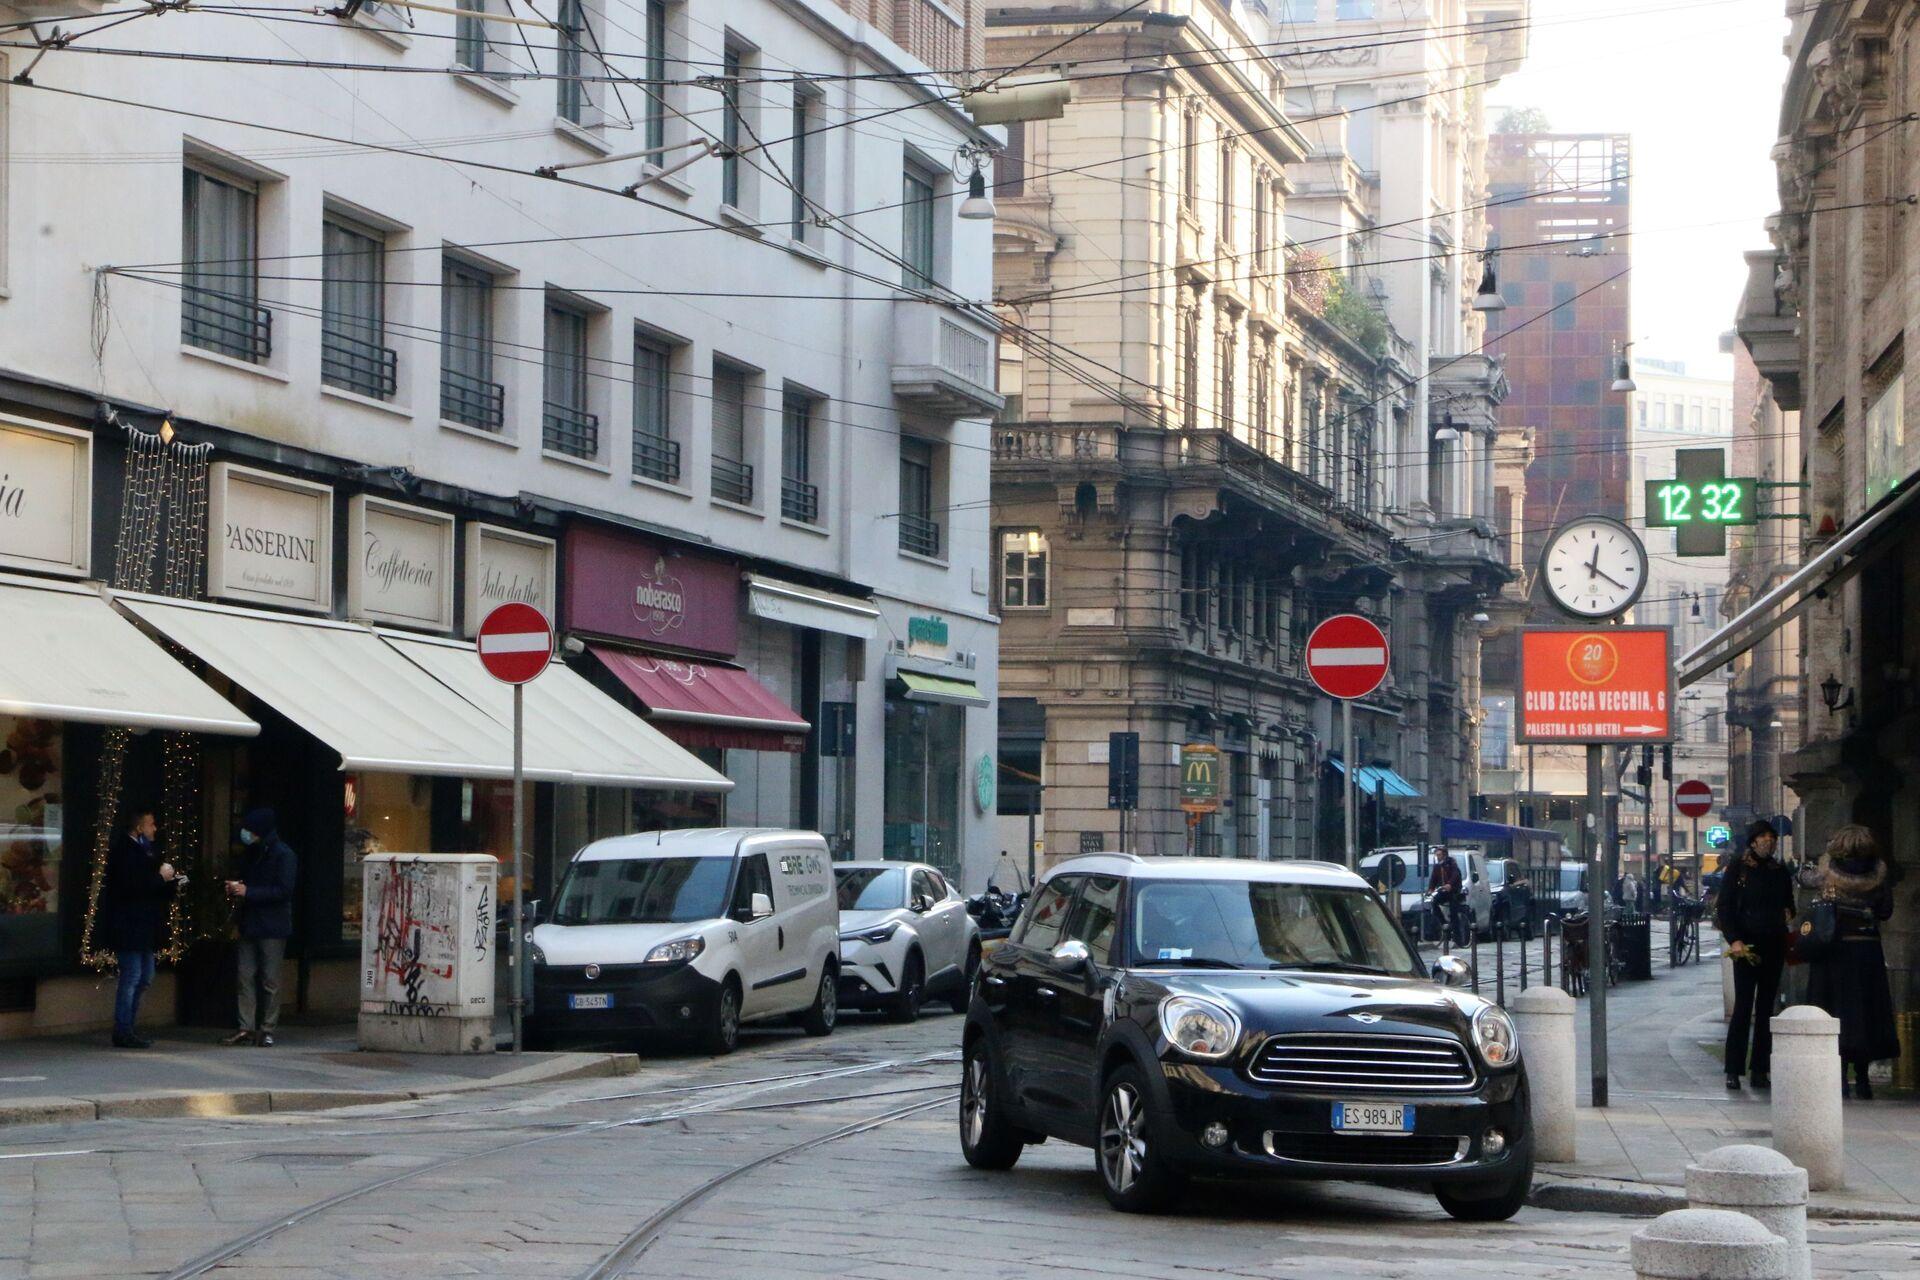 Automobili in una strada di Milano - Sputnik Italia, 1920, 18.05.2021